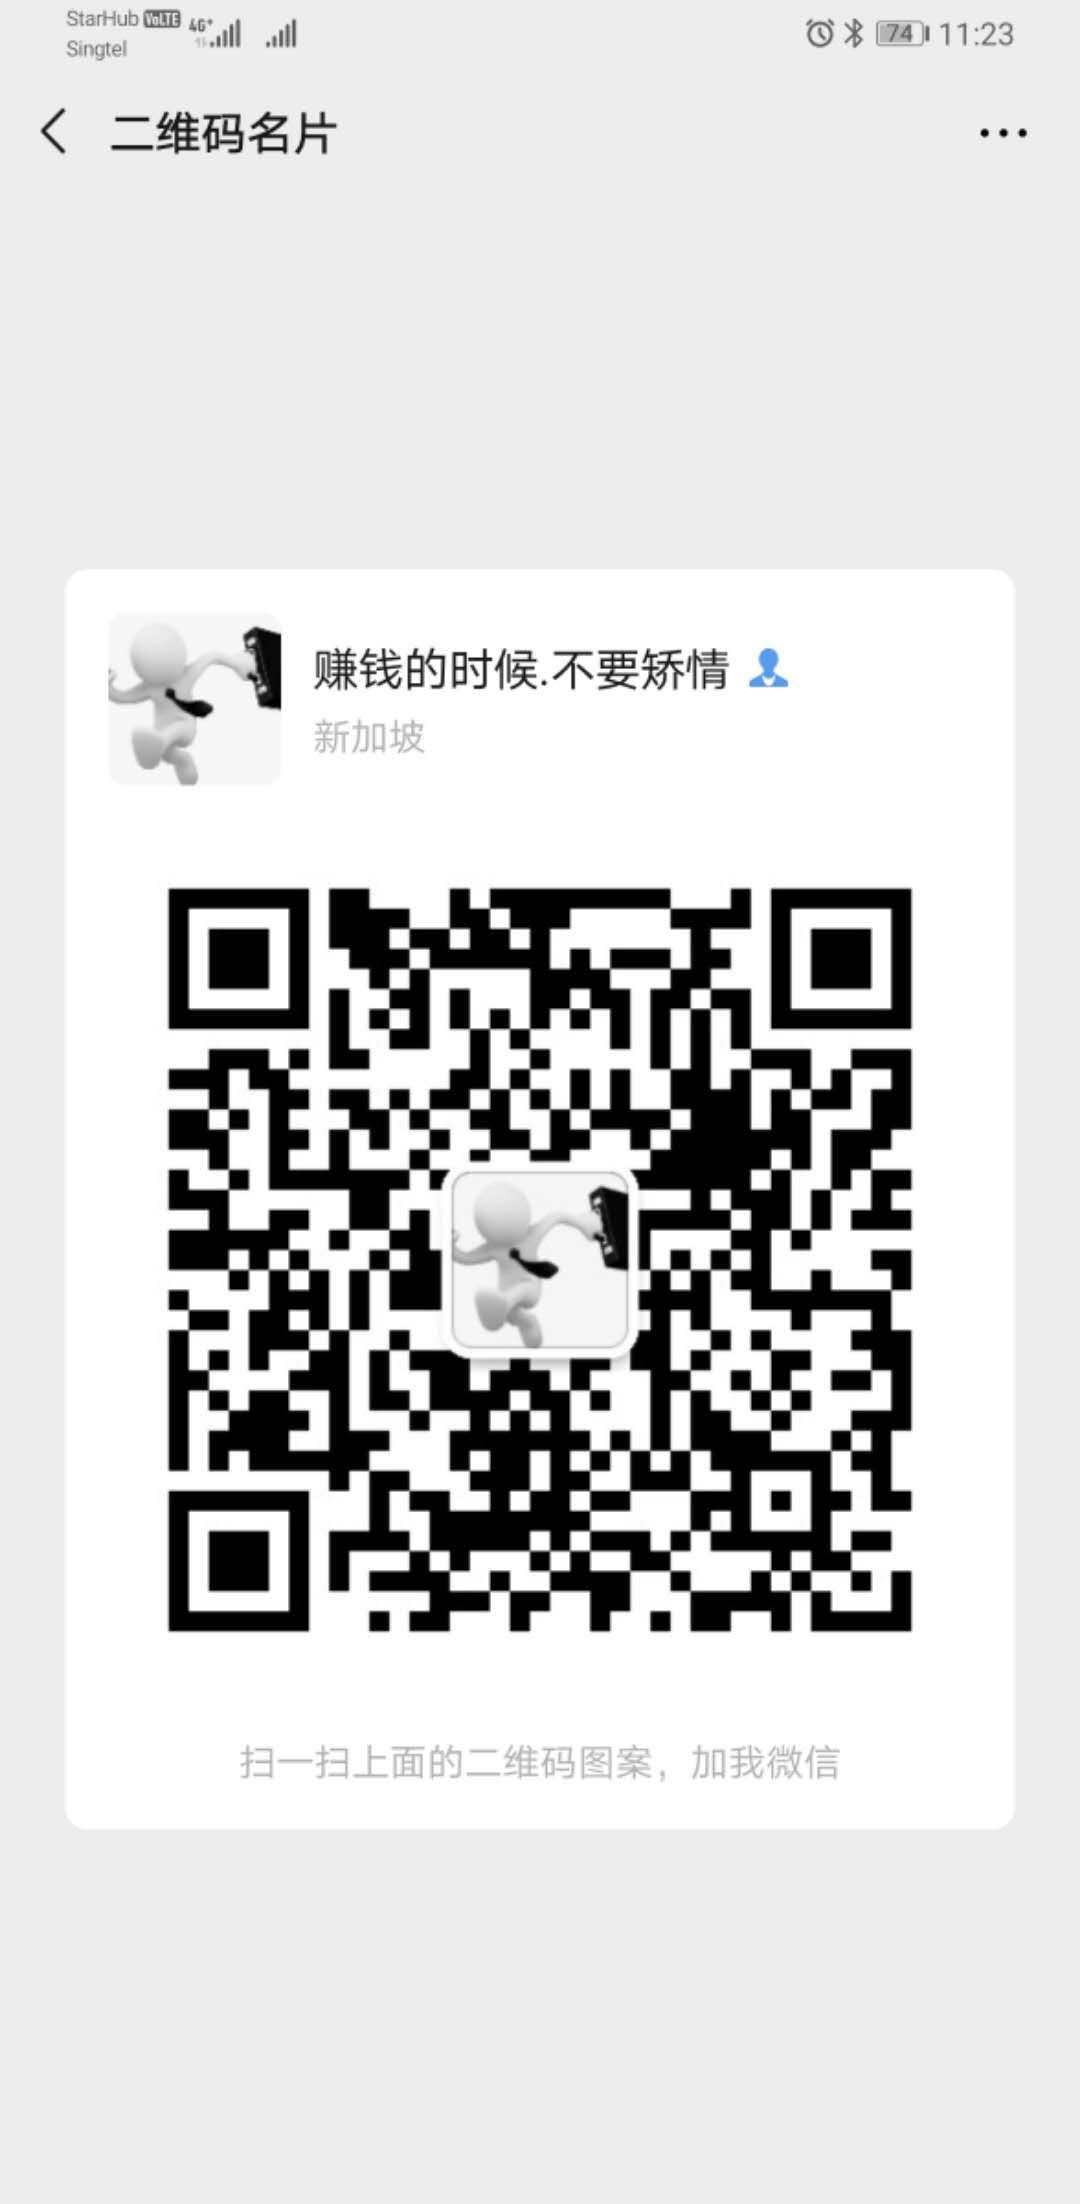 微信图片_20200226112429.jpg